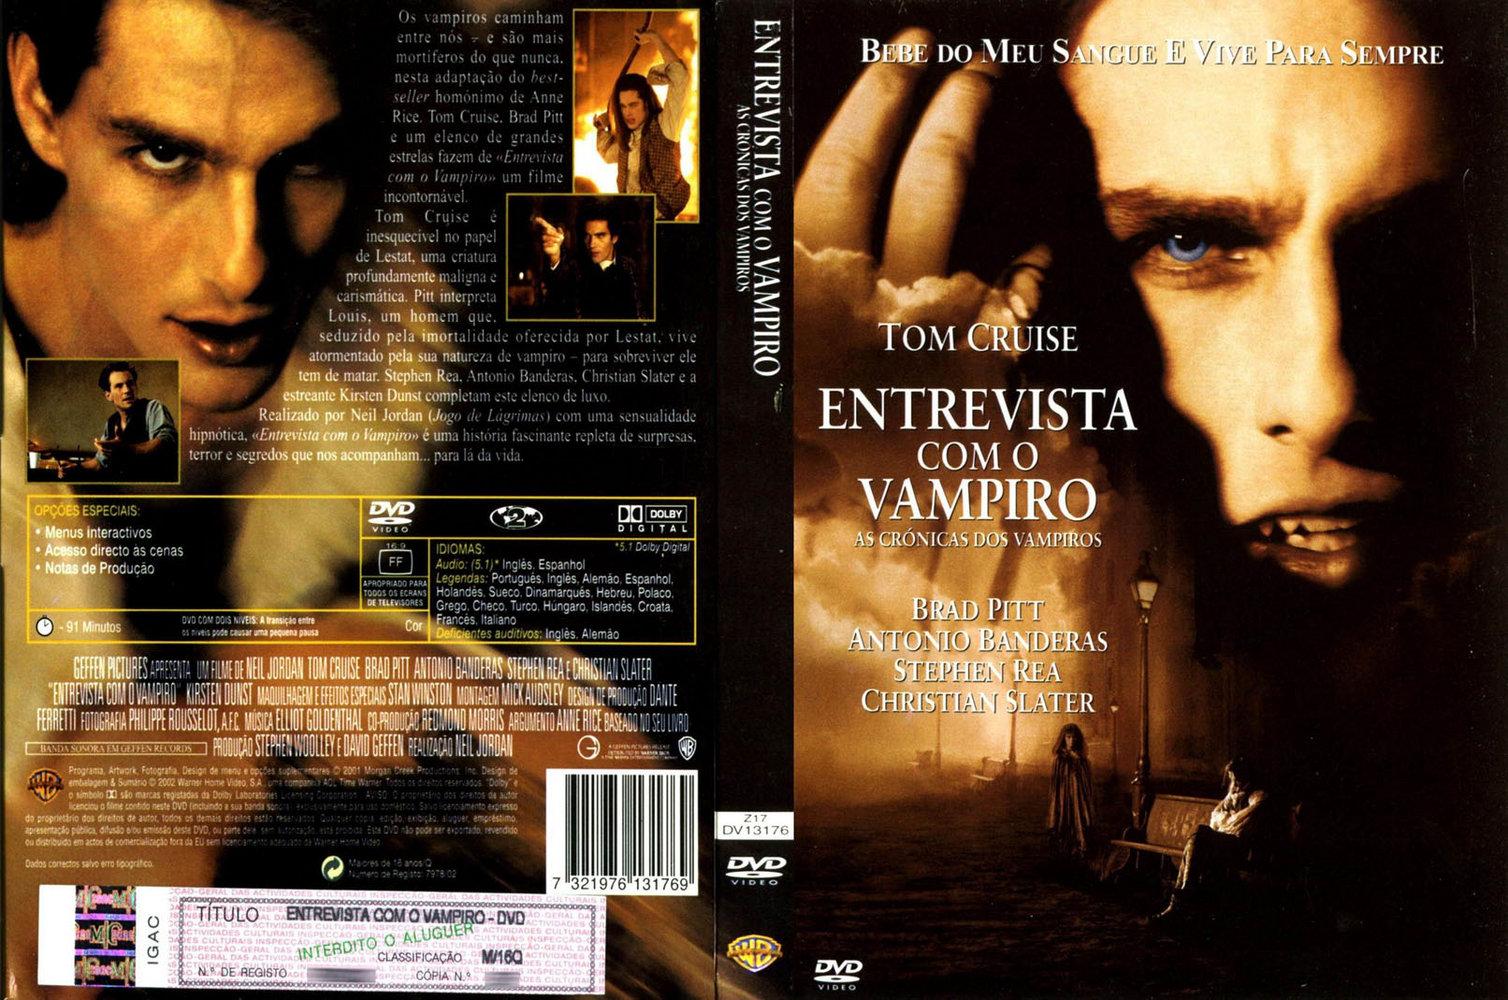 filme entrevista com um vampiro dublado gratis